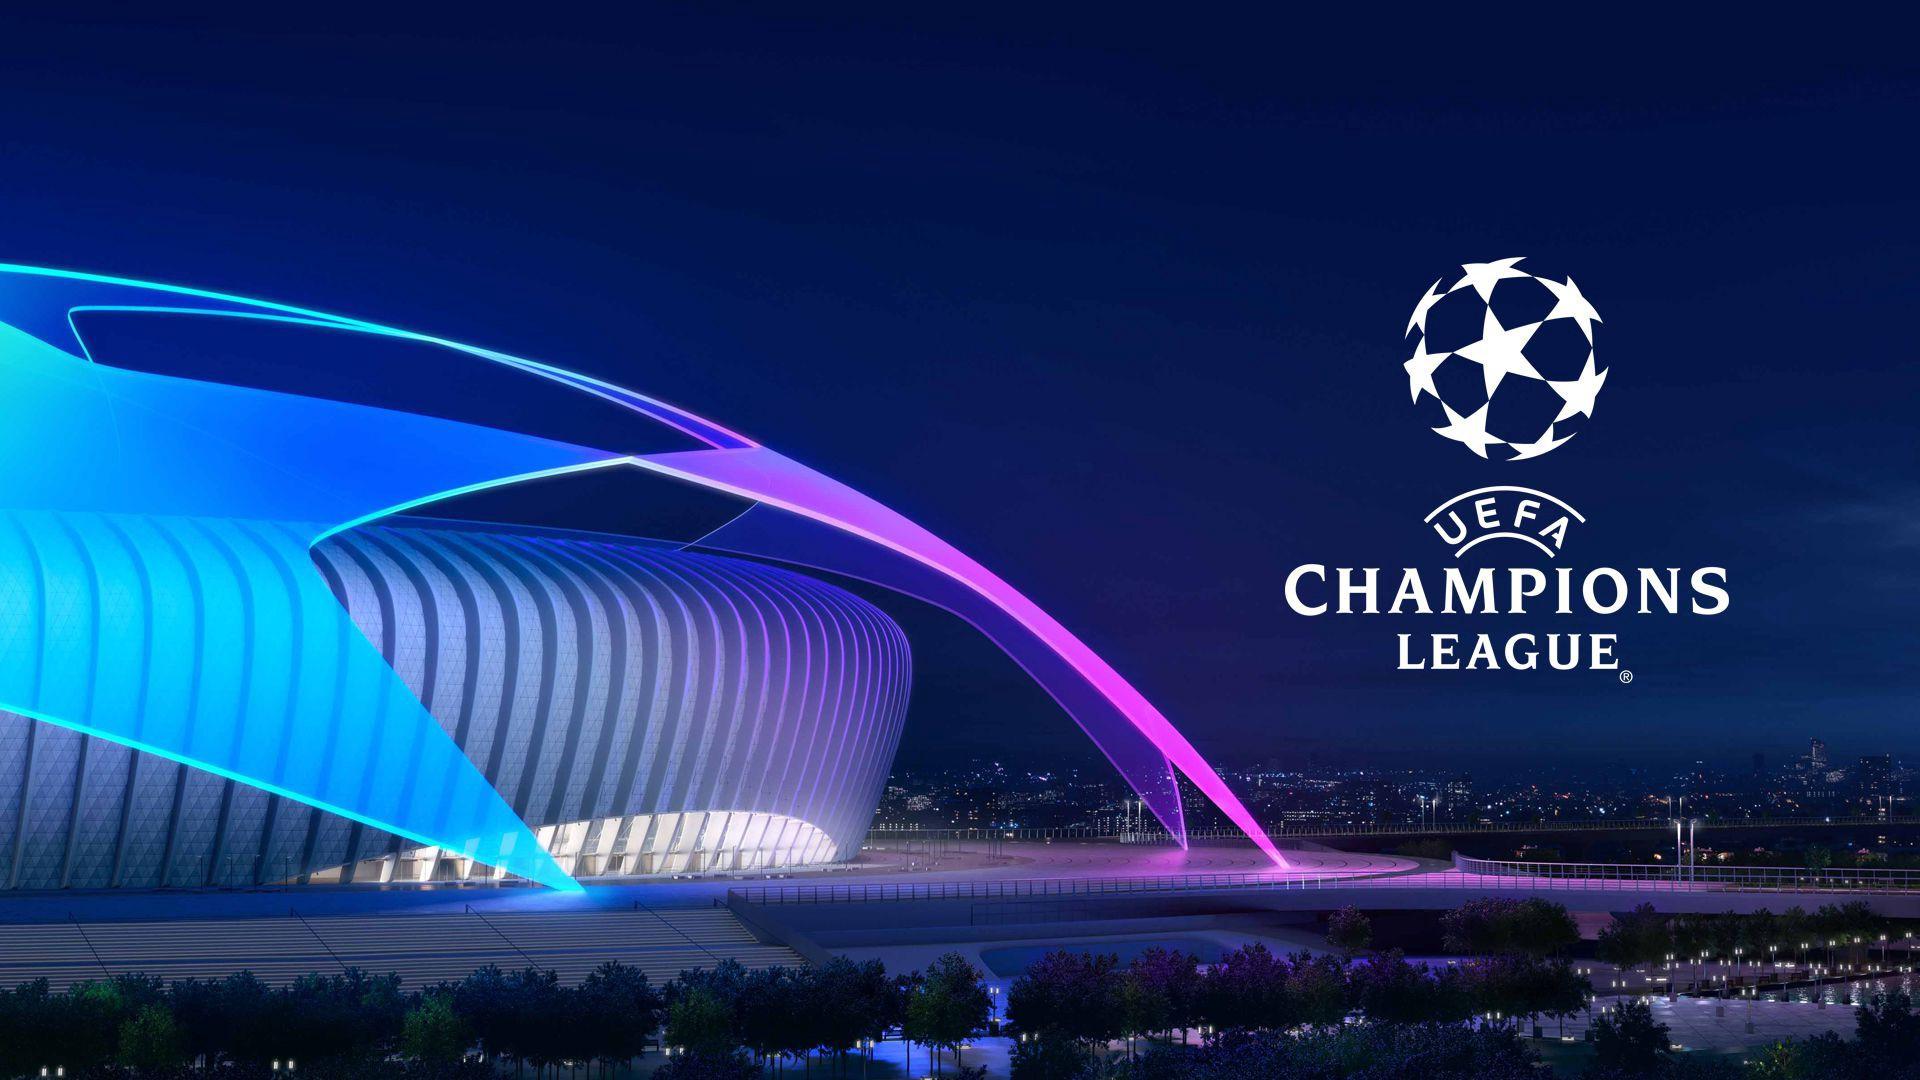 На фото: Как делать ставки на матчи Лиги чемпионов, автор: admin